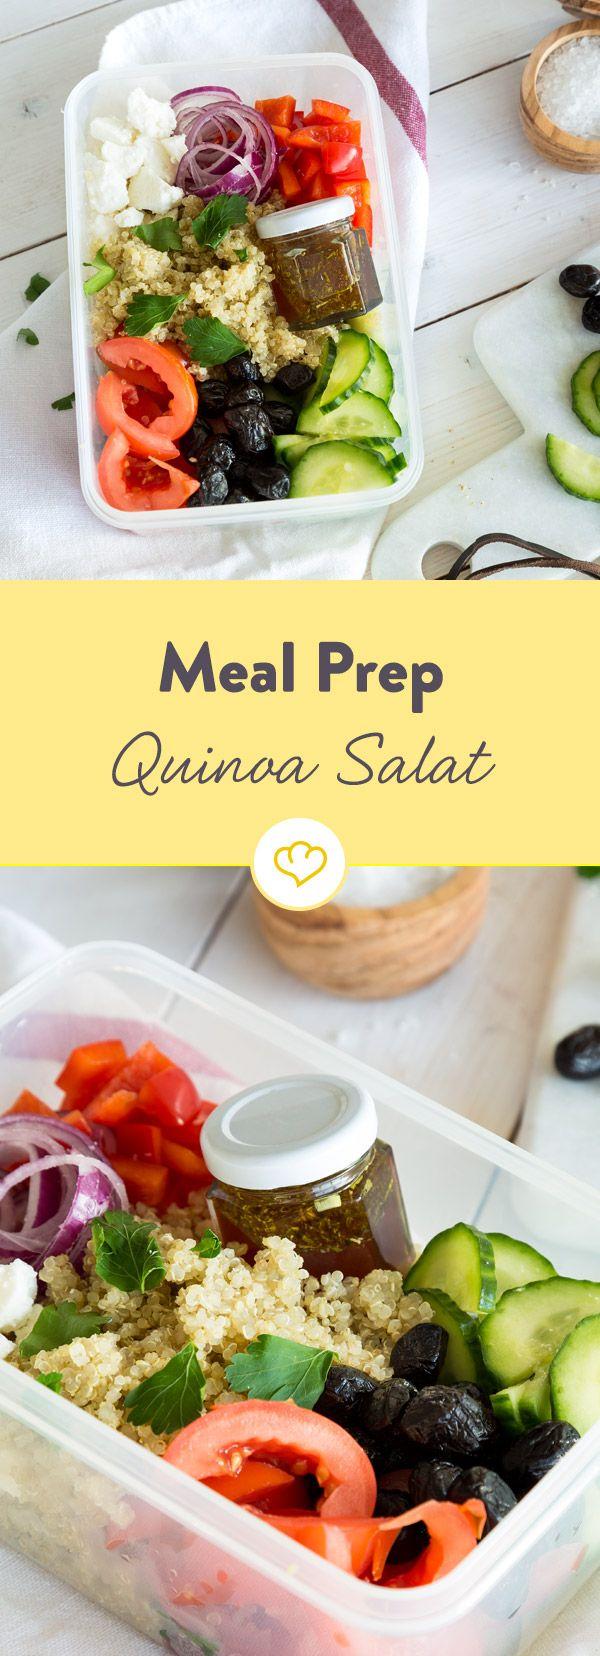 Dieser Quinoa Salat Greek Style ist perfekt für deinen Meal Prep Plan: Bereite es heute zu und genieße die ganze Woche dein vegetarisches Mittagessen,